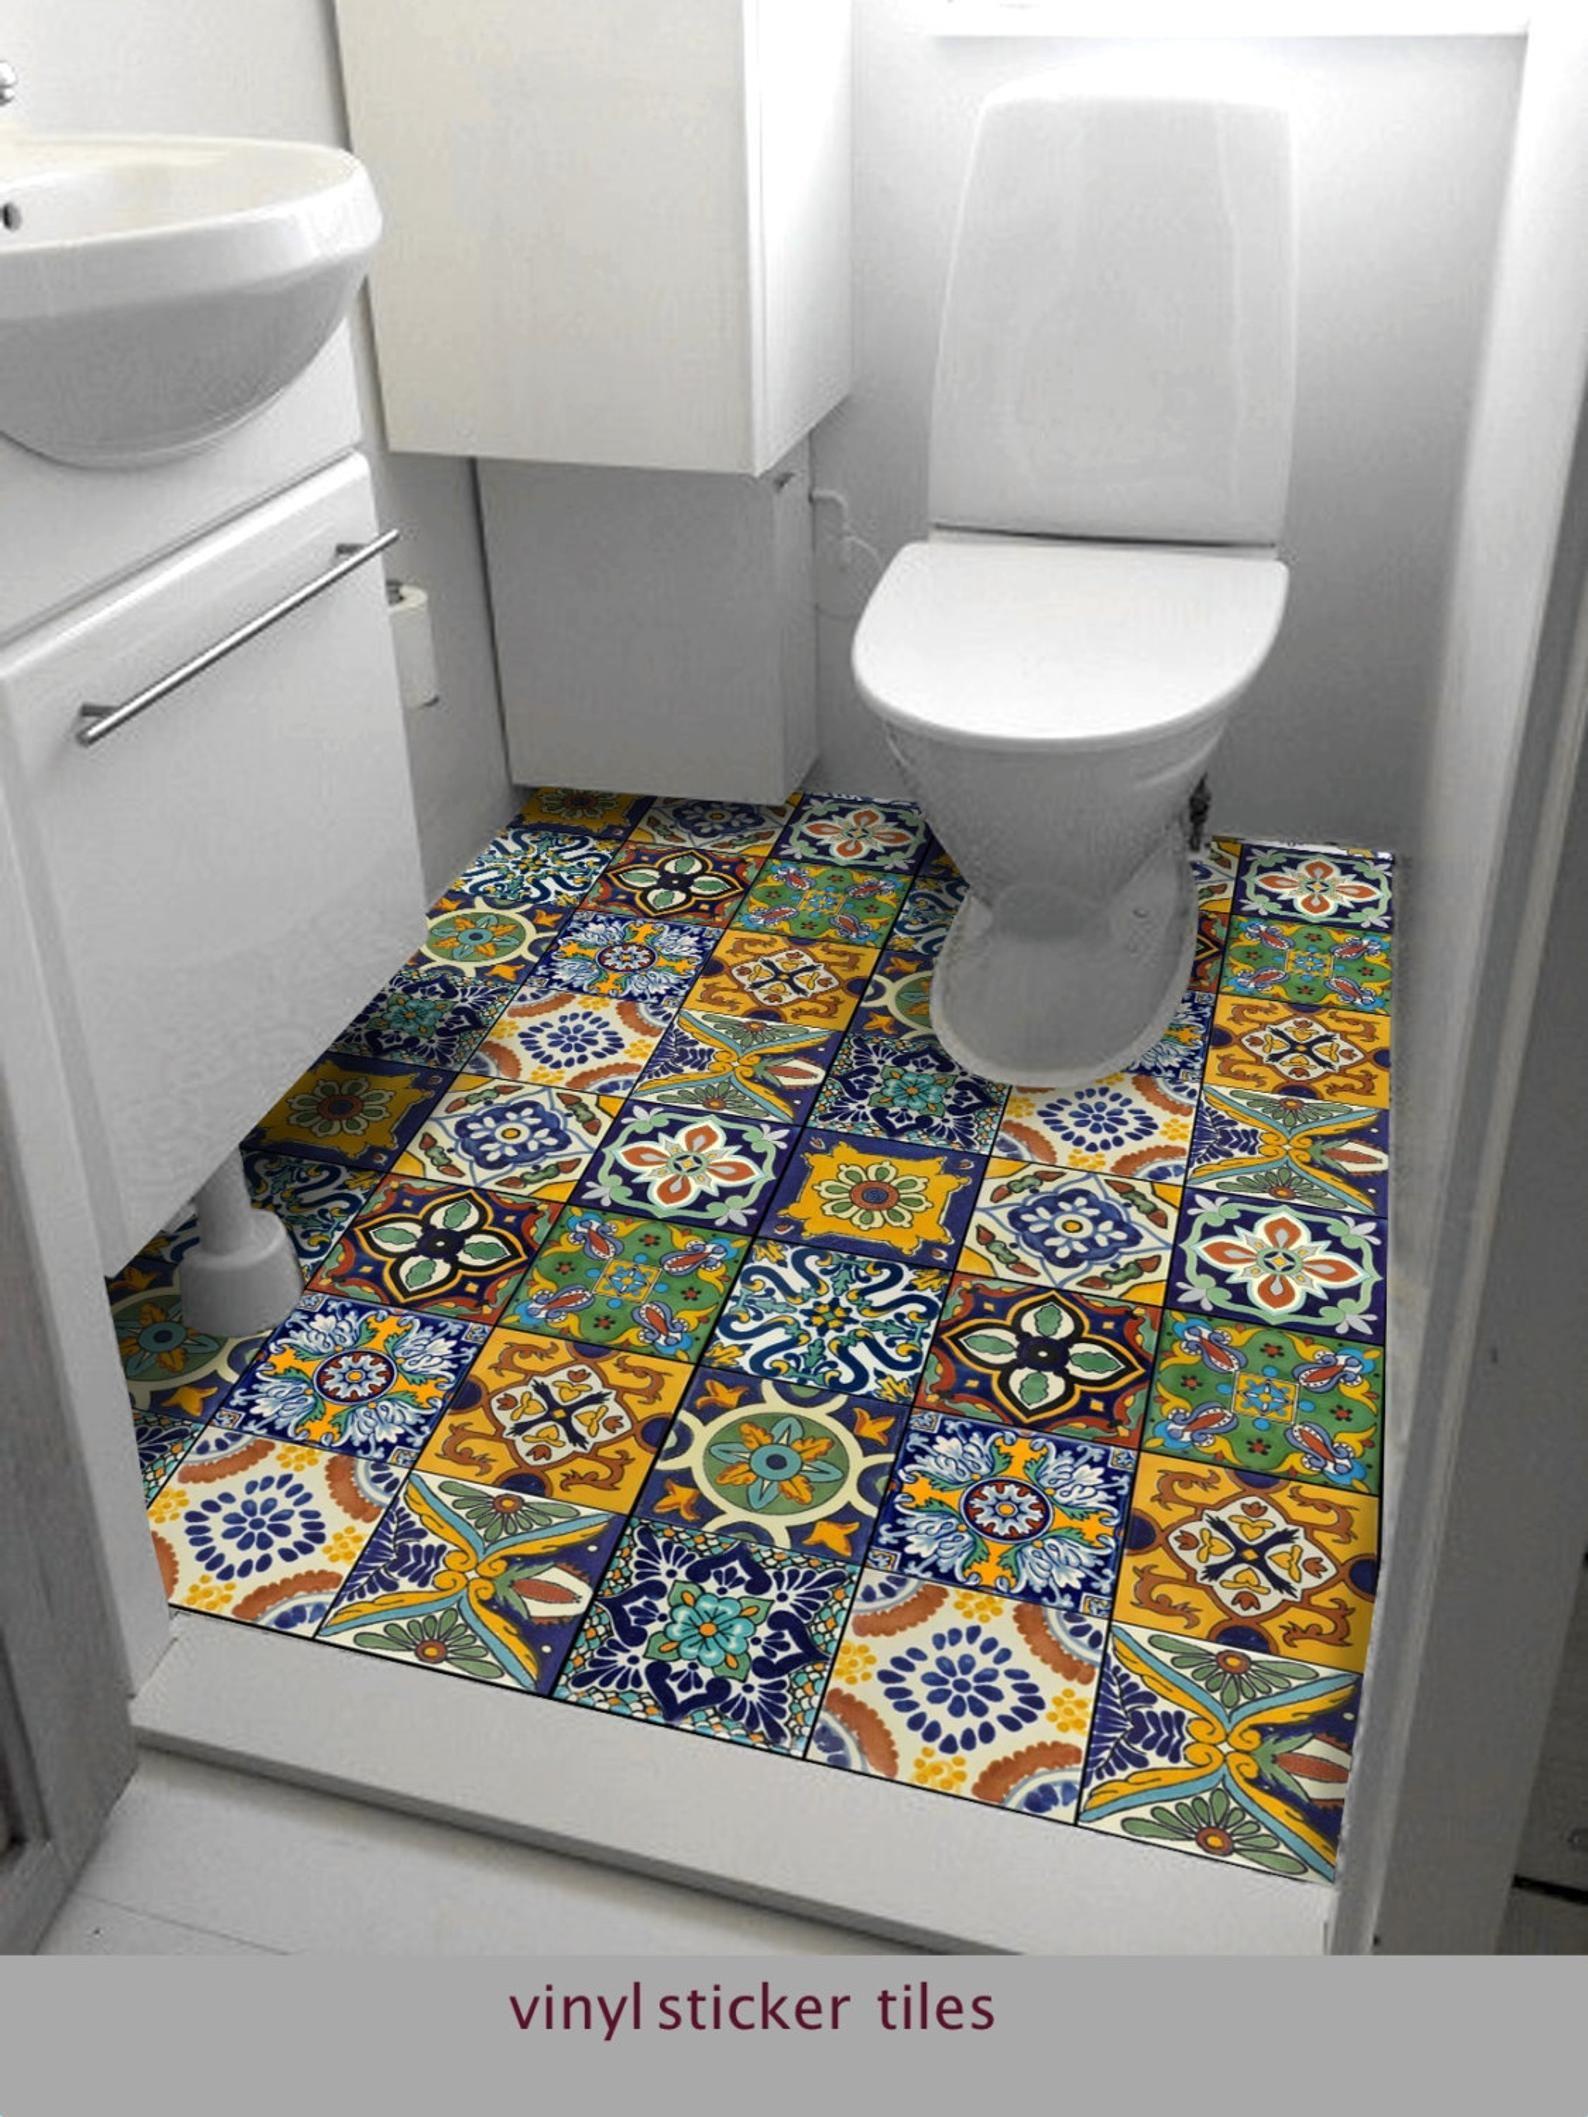 Vinyle Adhésif Pour Sol tile stickers vinyl decal waterproof removable for kitchen